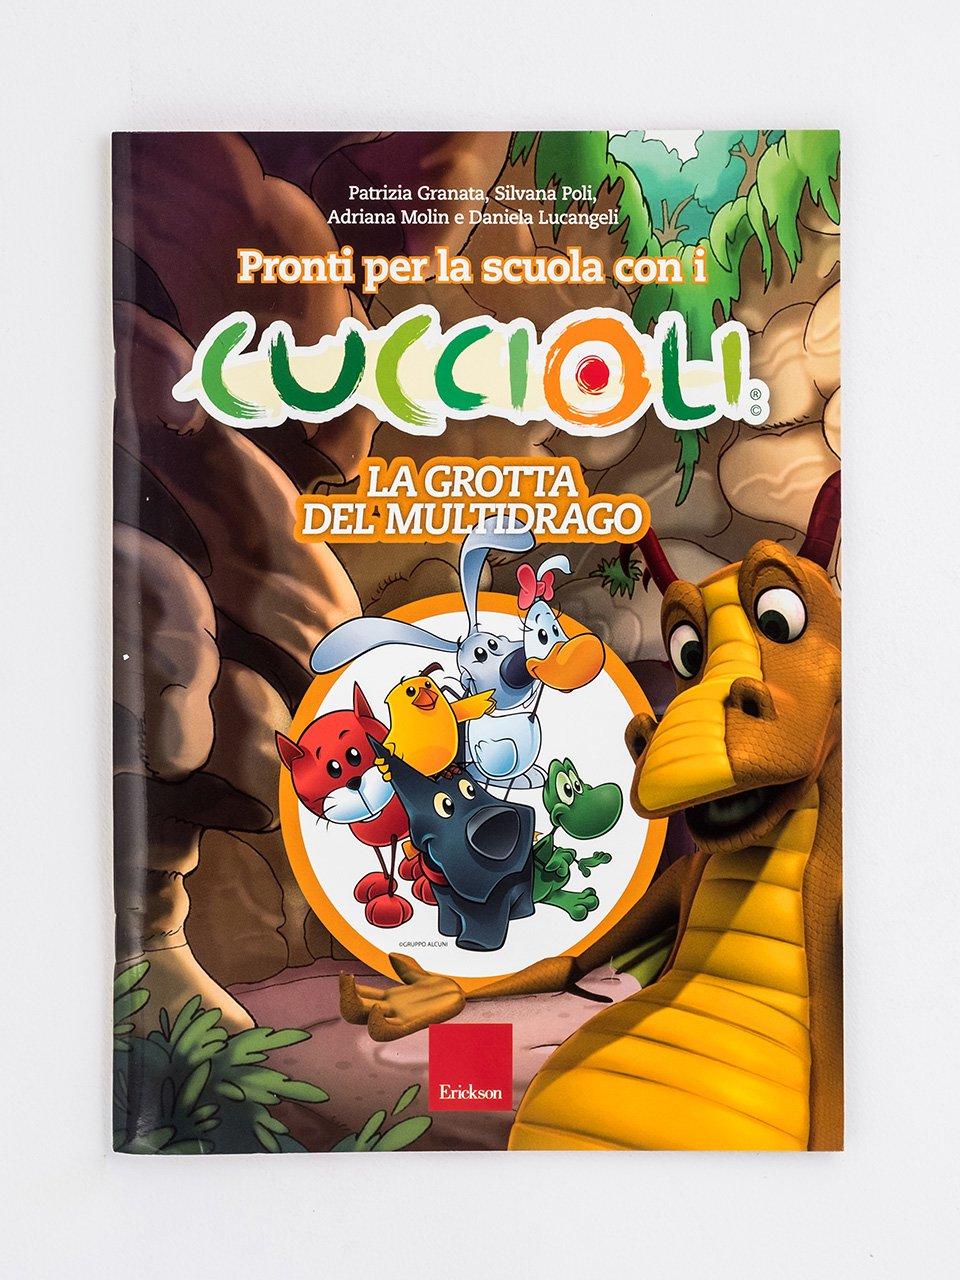 Pronti per la scuola con i CUCCIOLI - La grotta del multidrago - Adriana Molin - Erickson